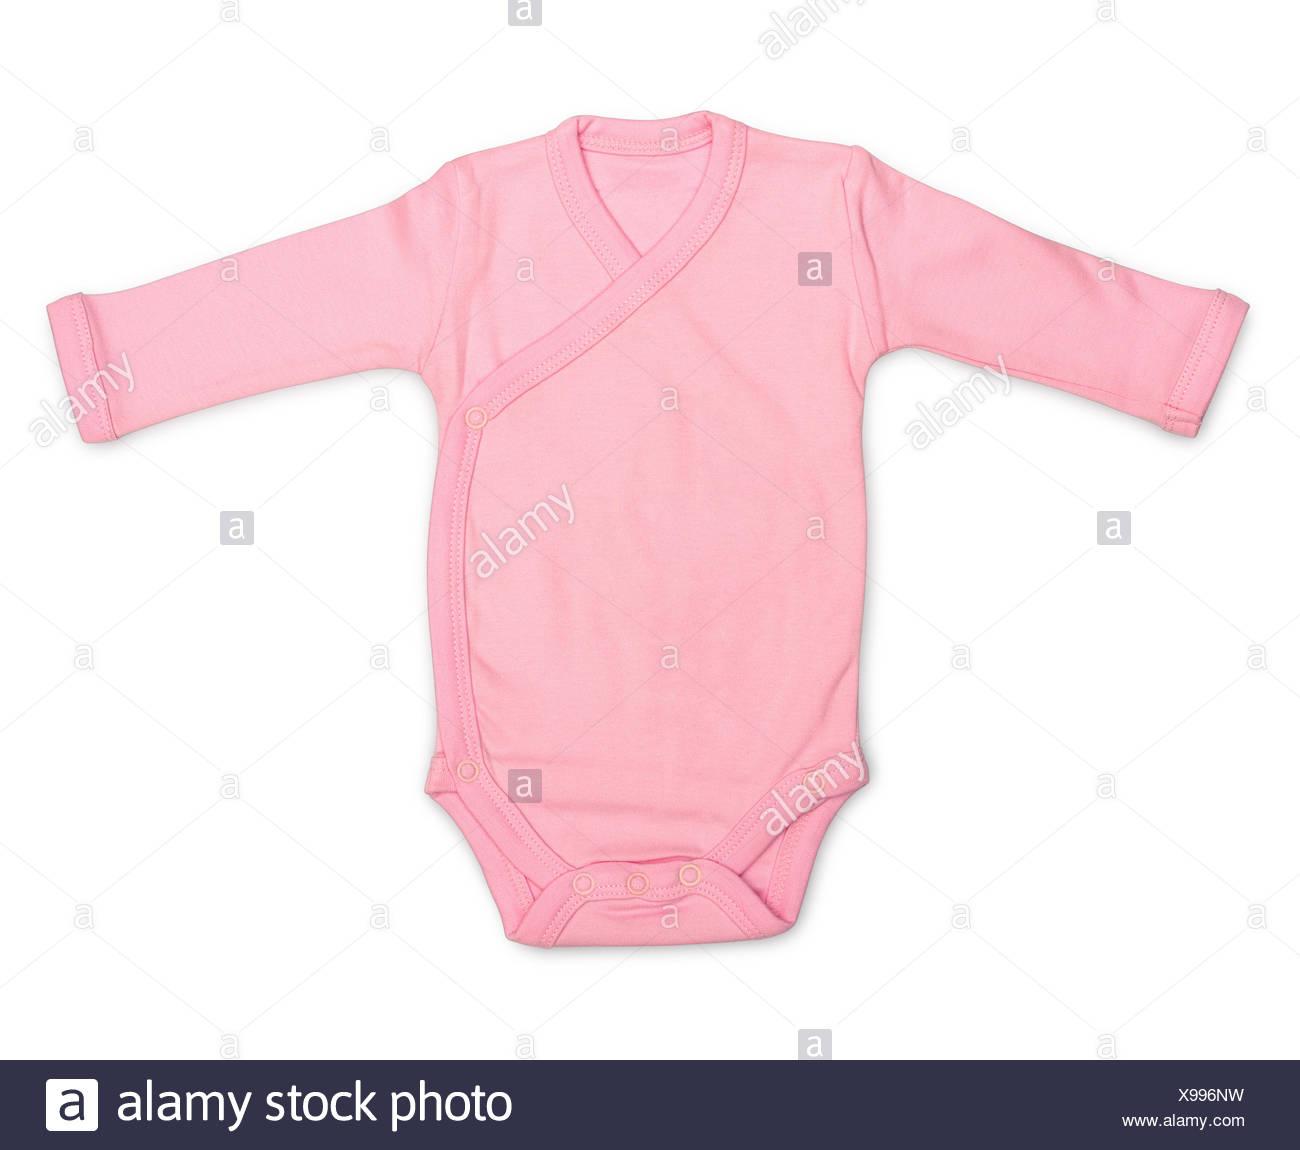 Baby romper - Stock Image